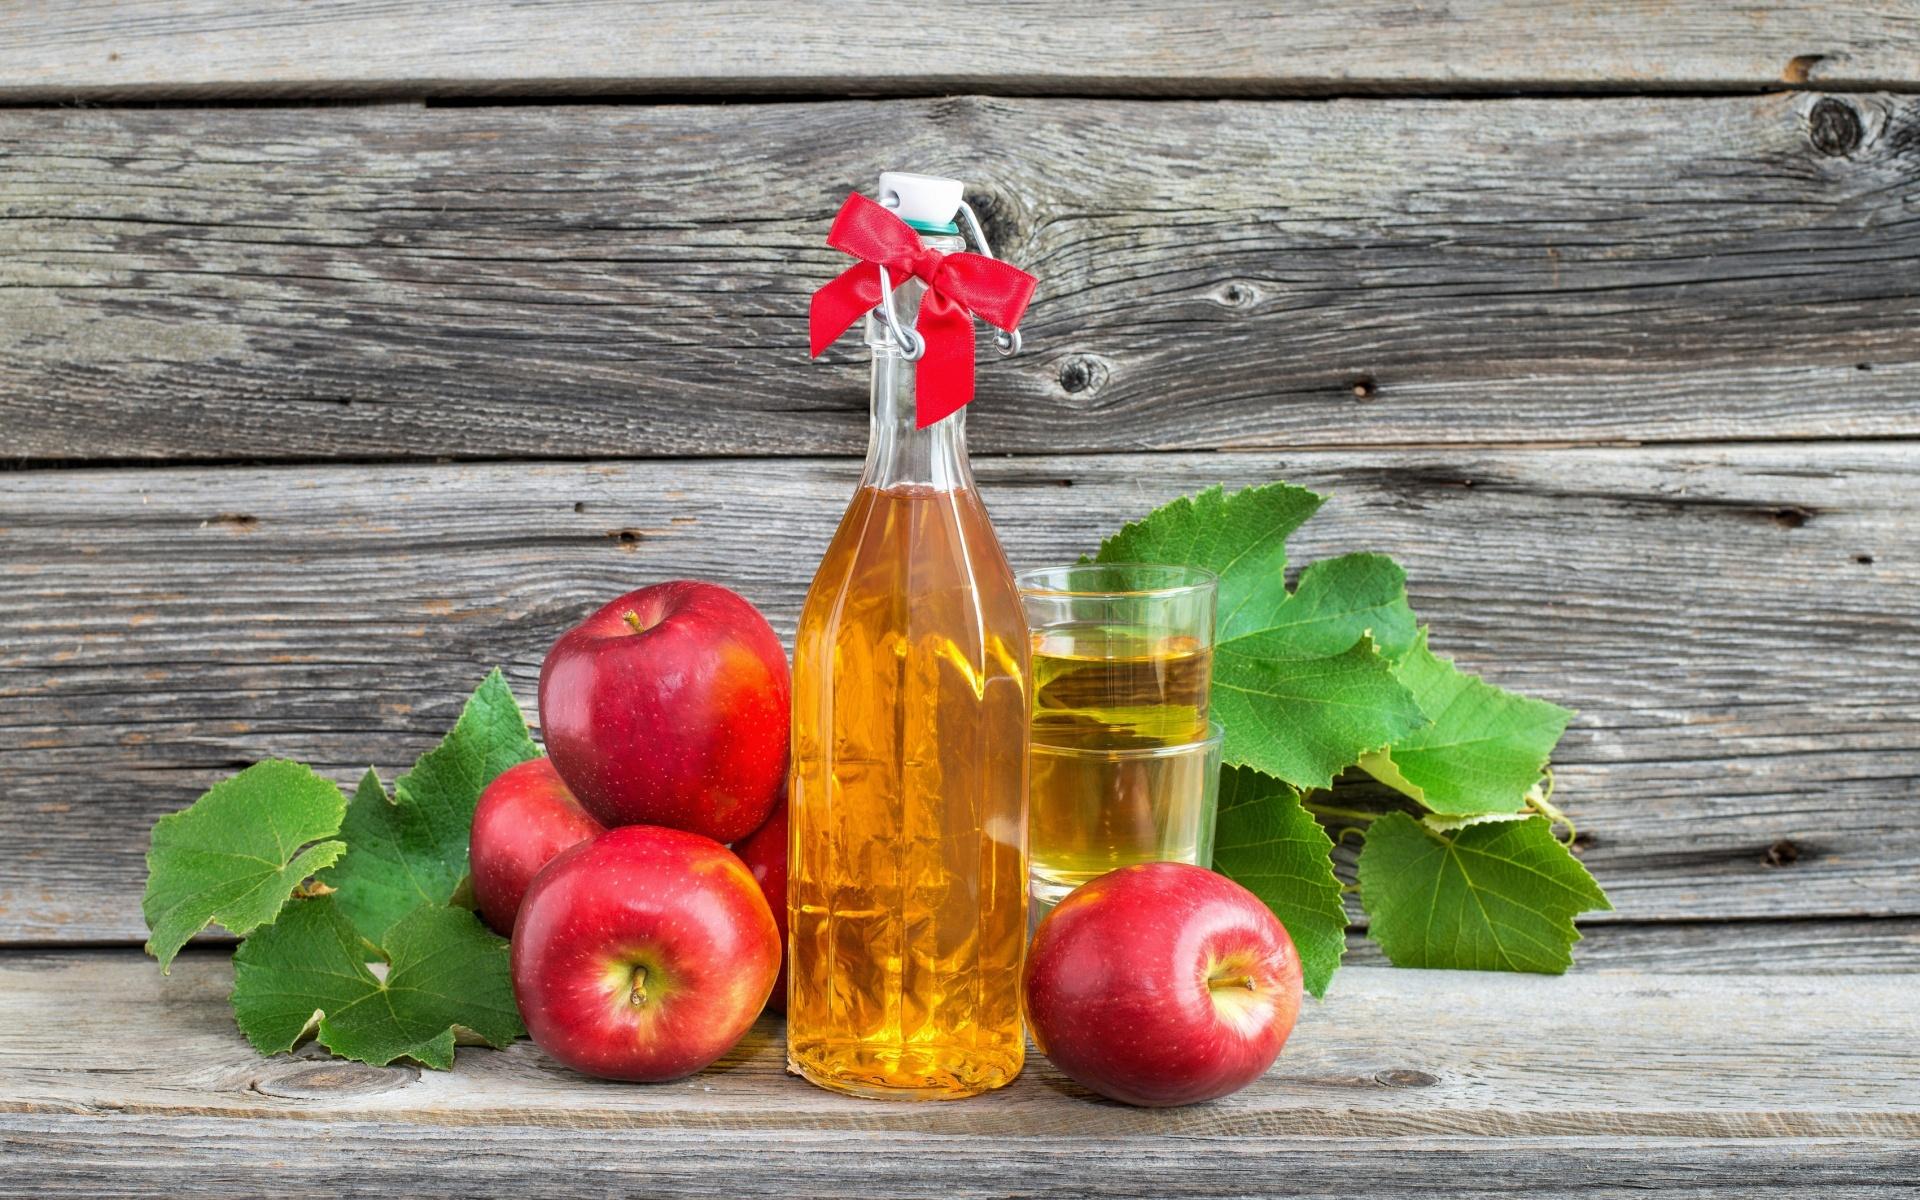 карельского картинка яблочного уксуса переводе русский